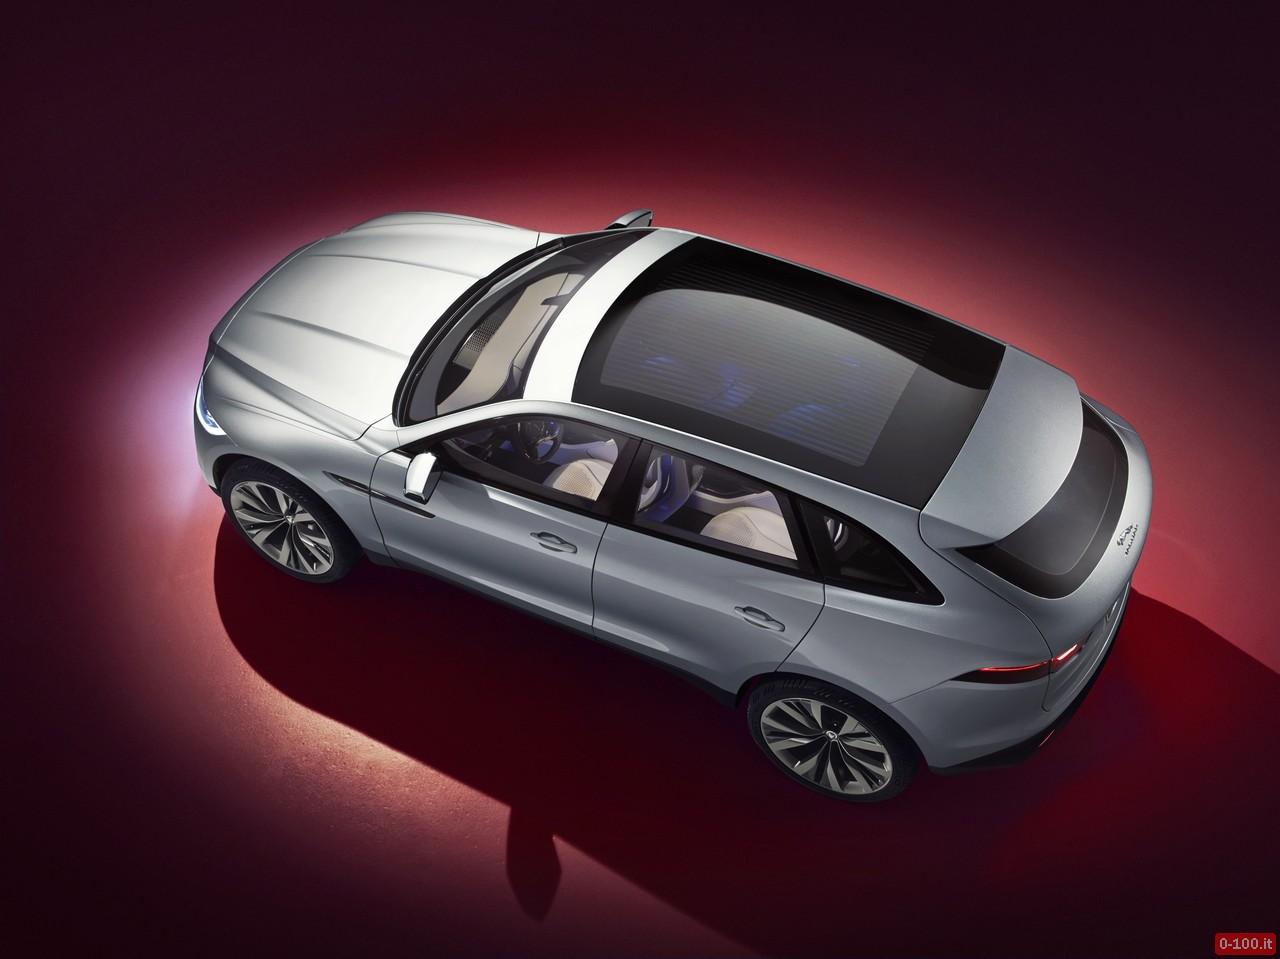 jaguar-c-x17-dubai-price-aluminum_0-100_32